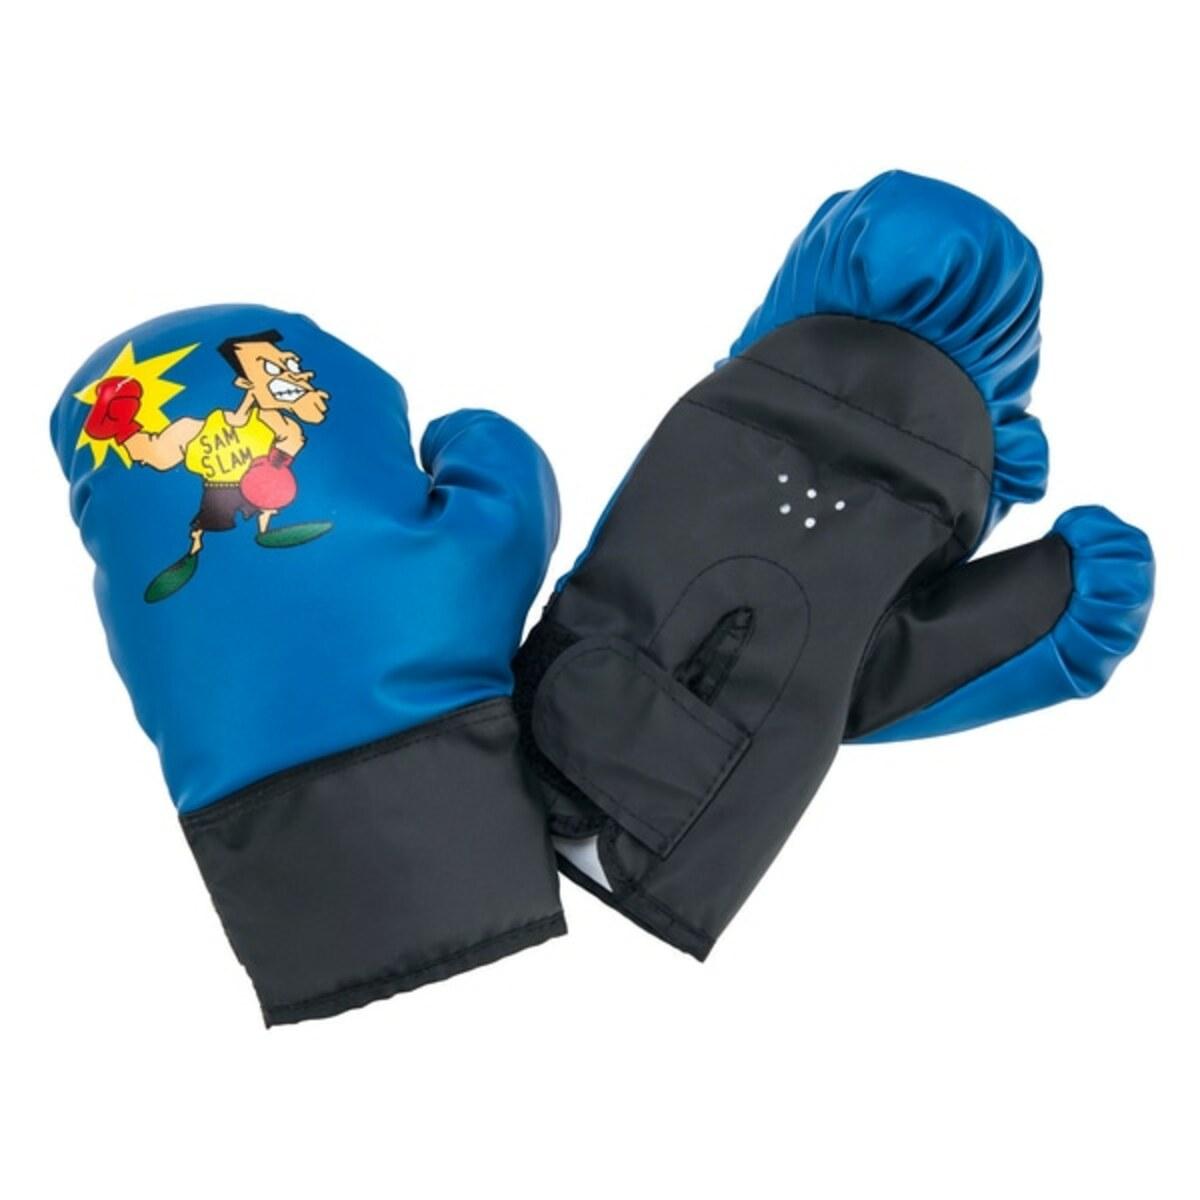 Bild 5 von Boxständer mit Handschuhen